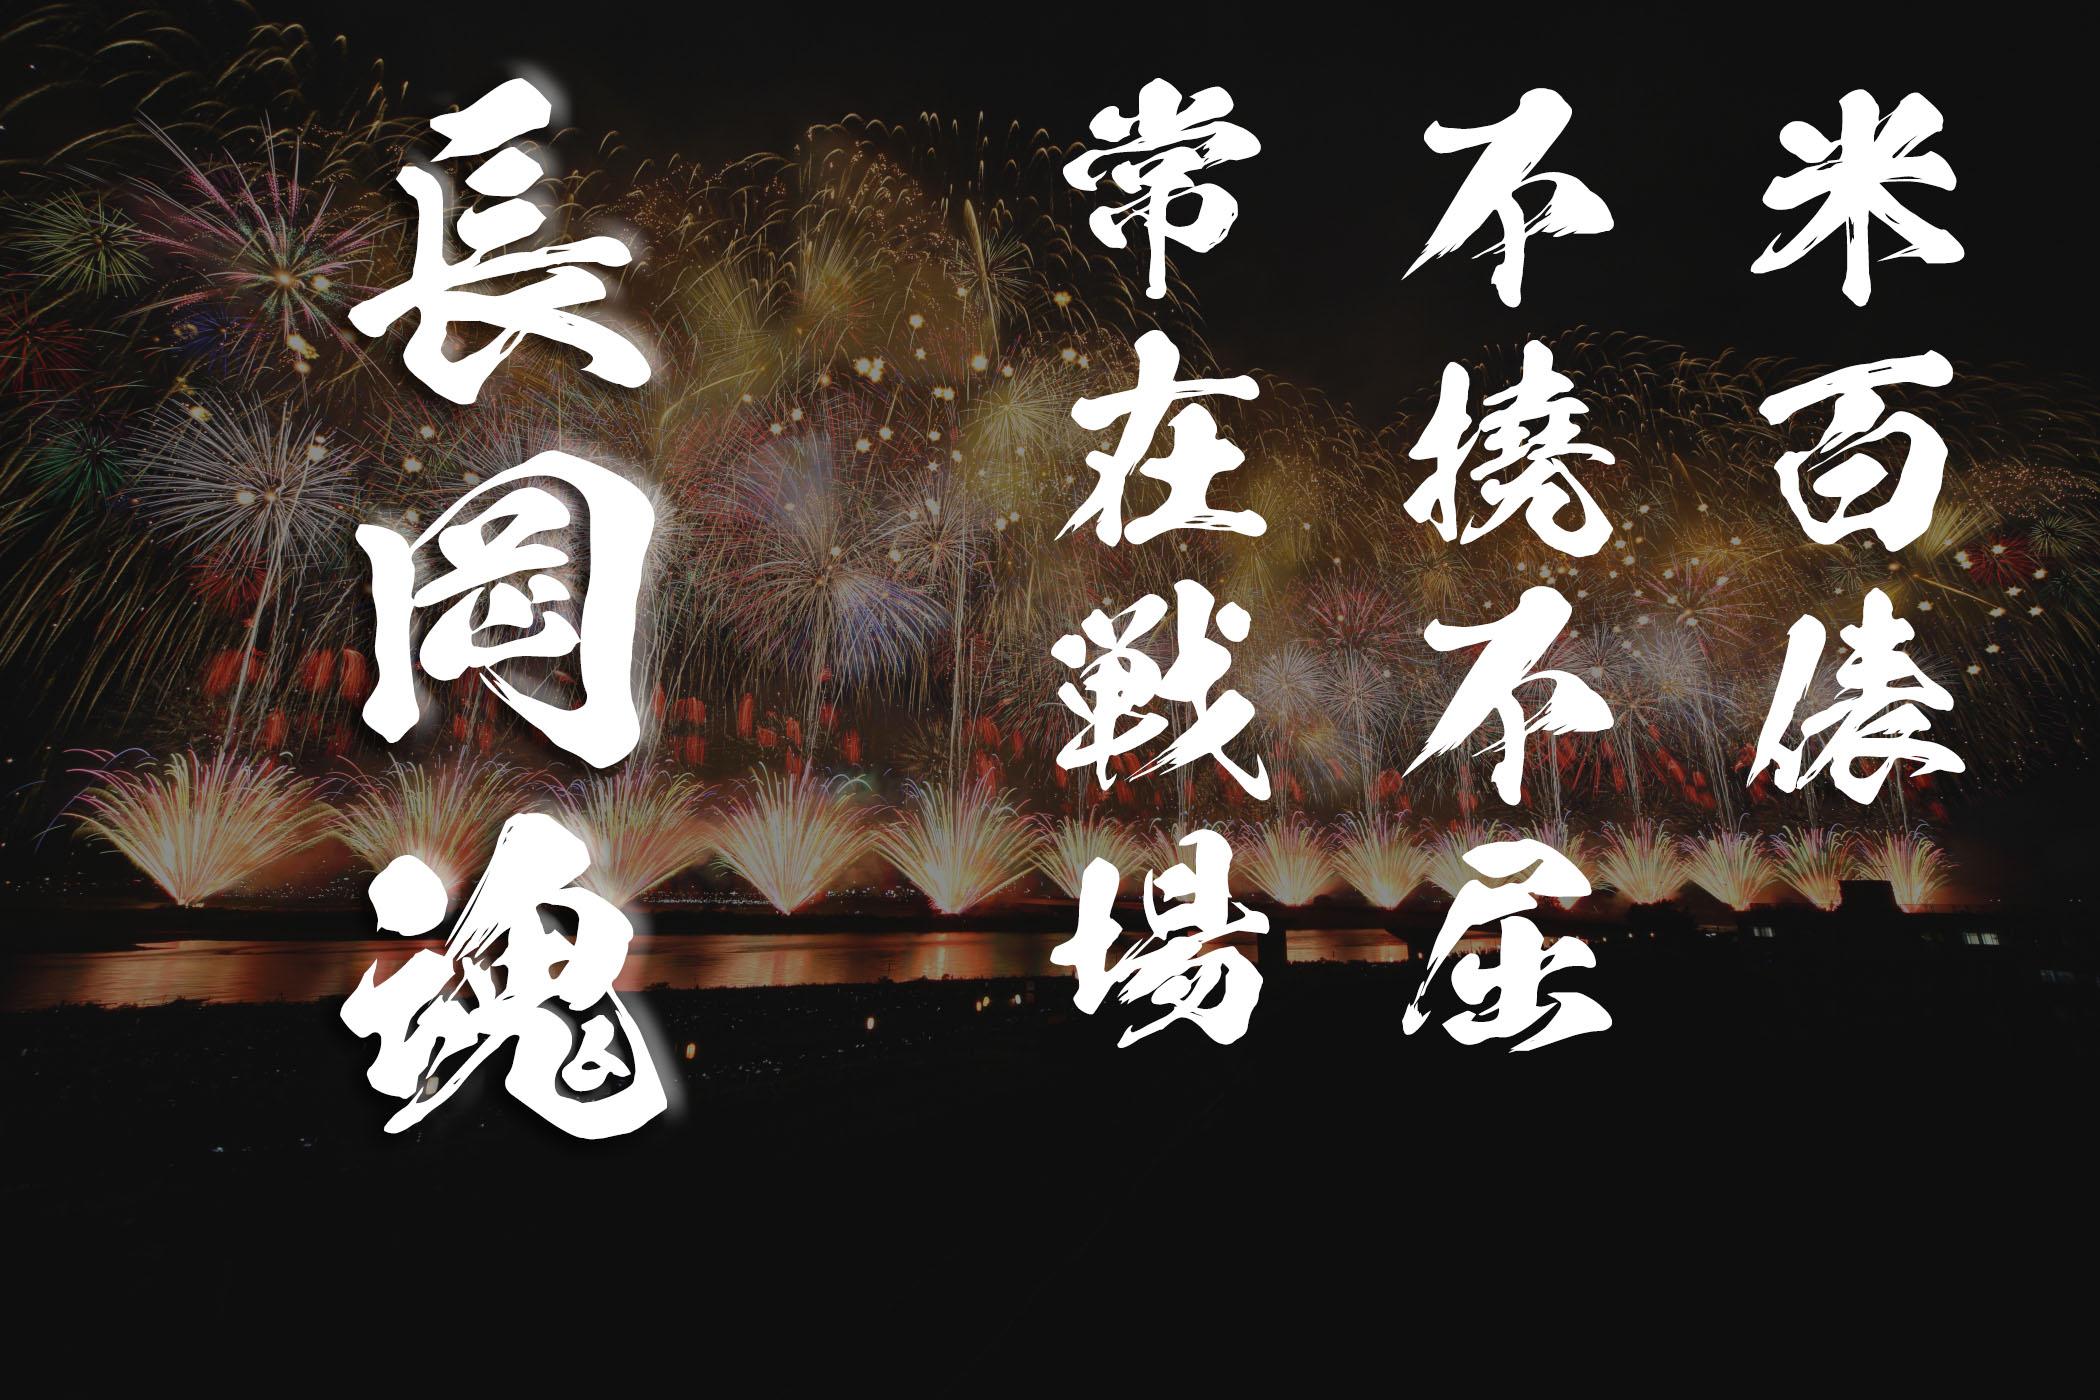 新潟県長岡市に受け継がれし「長岡魂」とは?